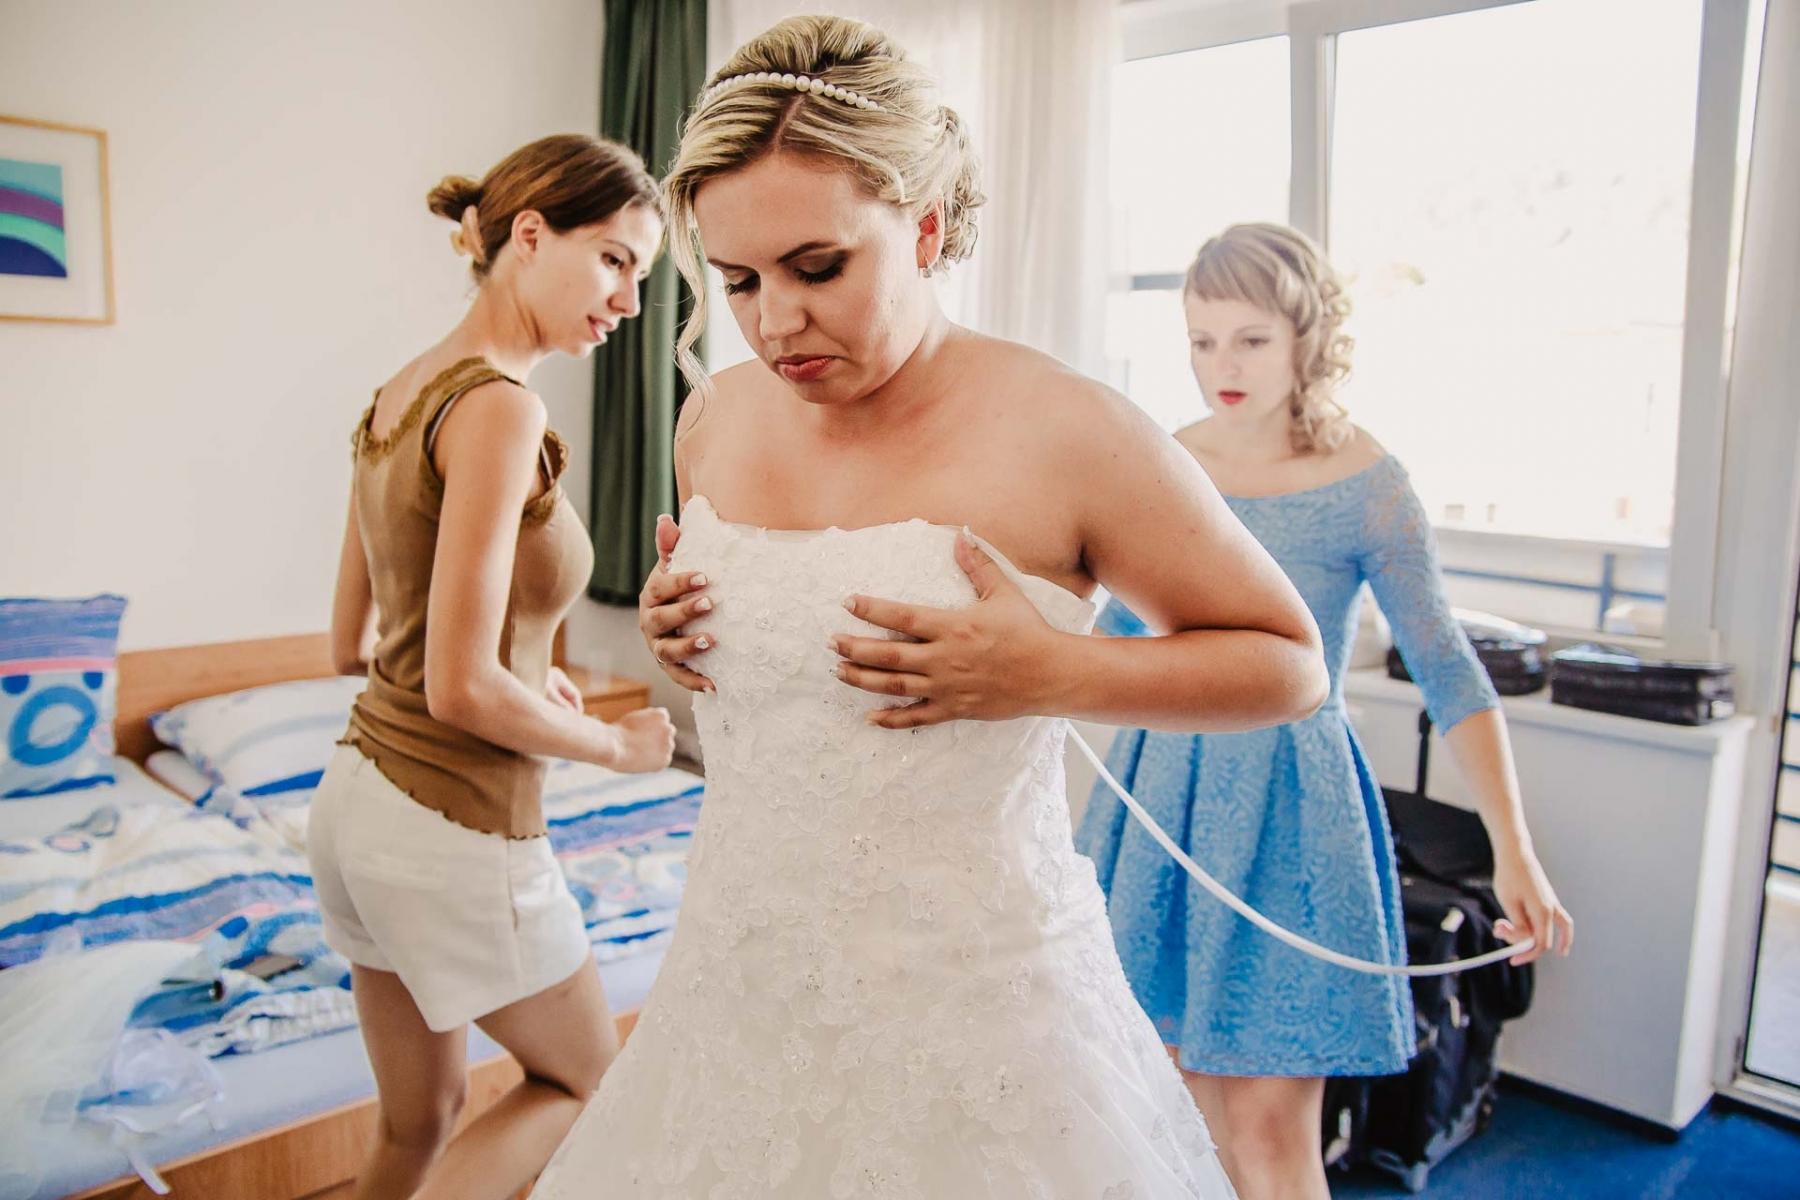 svatební fotograf zámek Mníšek pod Brdy, svatba na zámku, letní nejkrásnější zámecká svatba, Bára a Ondra-12